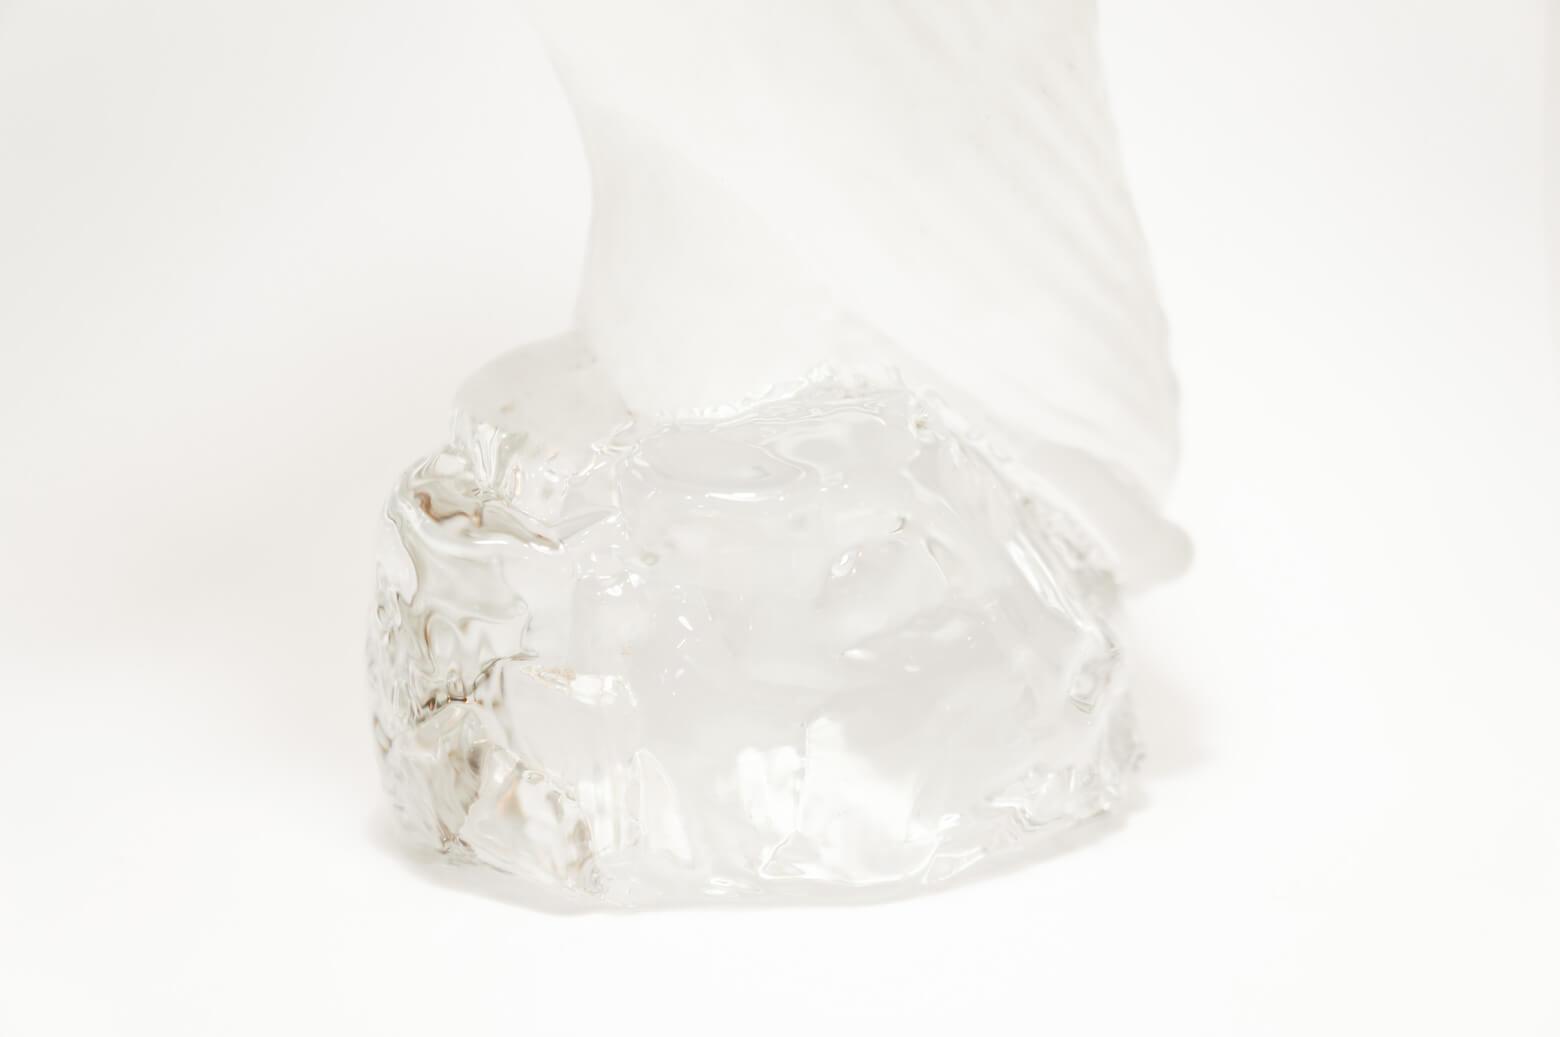 Scandinavian Glass Object Bird/ガラス オブジェ 鳥 北欧雑貨 ヴィンテージ